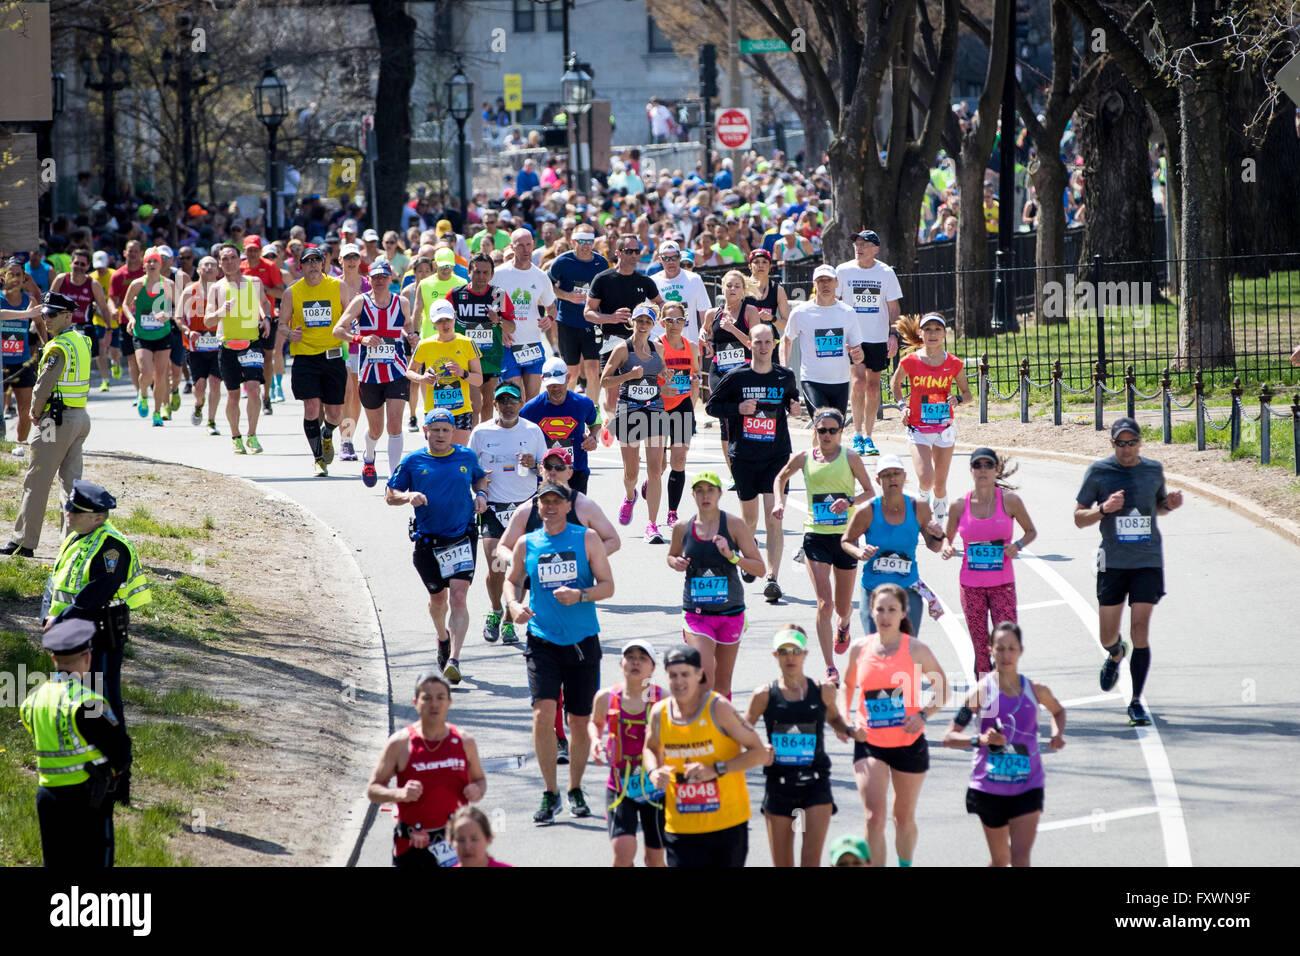 Boston, MA, USA. 18 avril, 2016. Plus de 30 000 participants de prendre part au Marathon de Boston 2016. Cette année Photo Stock